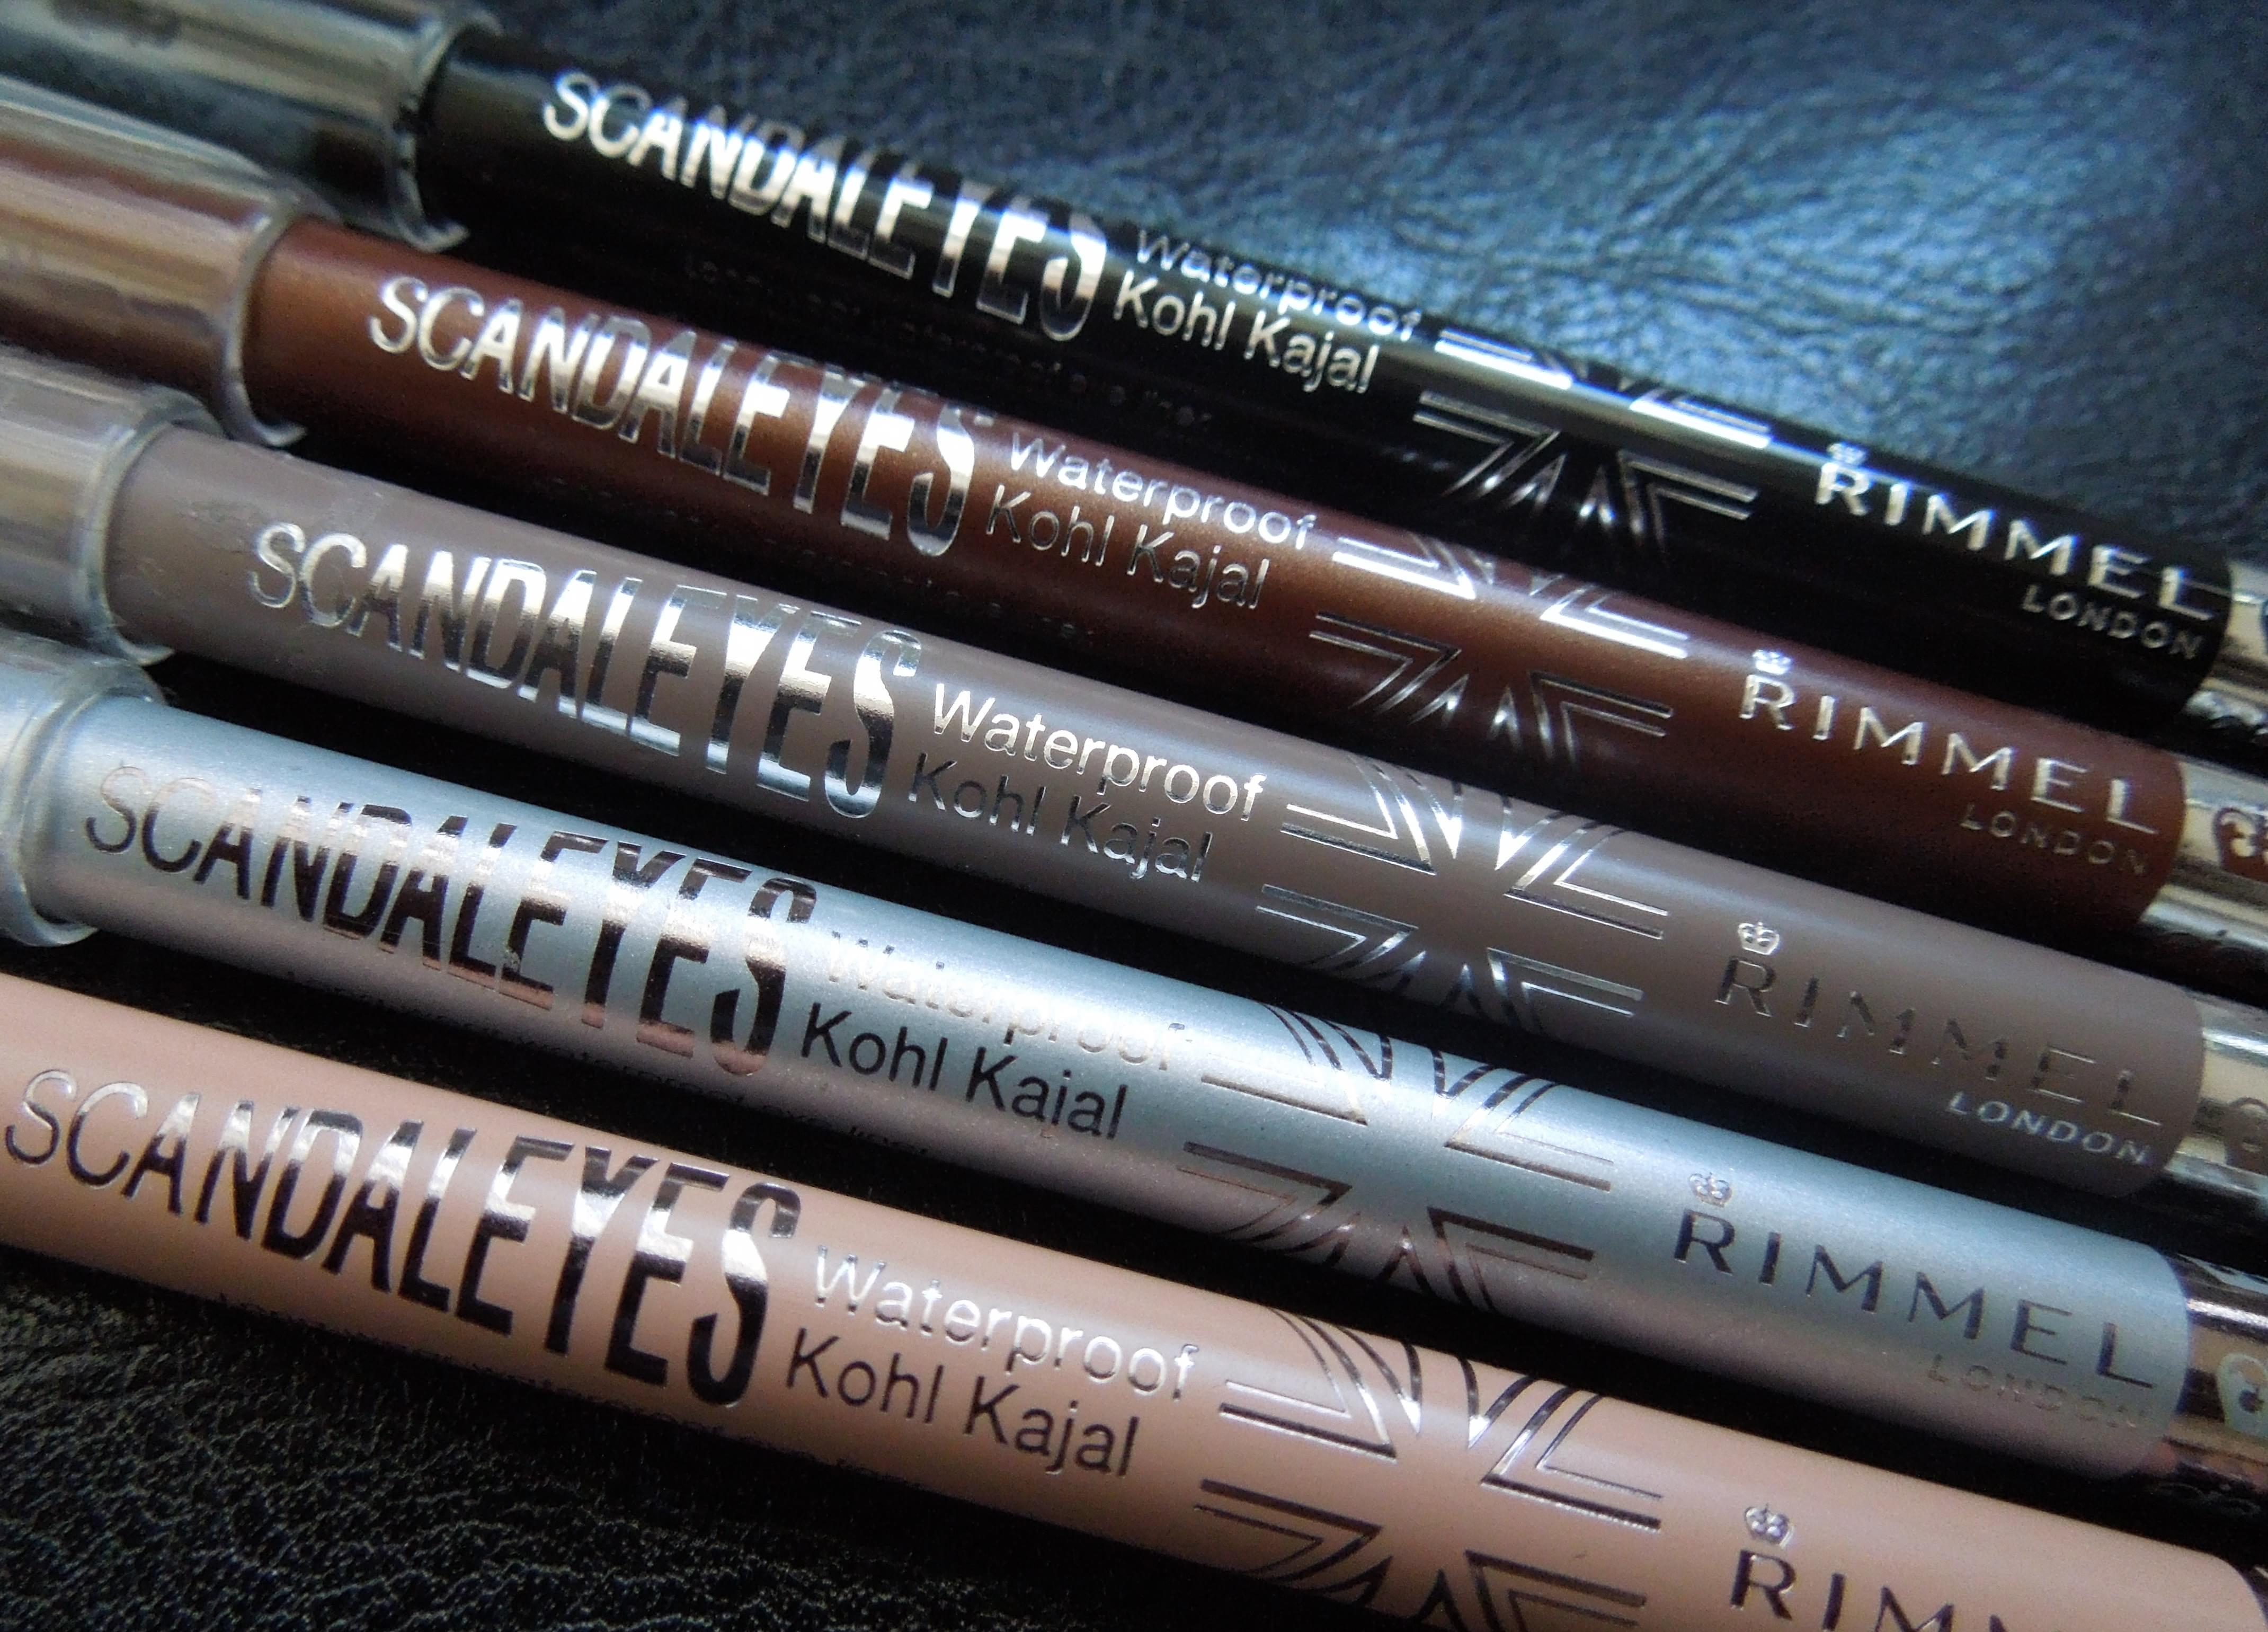 b7920b43cf6 Rimmel London Scandaleyes Waterproof Kohl Kajal Eyeliners (2) bronze black  taupe silver nude-